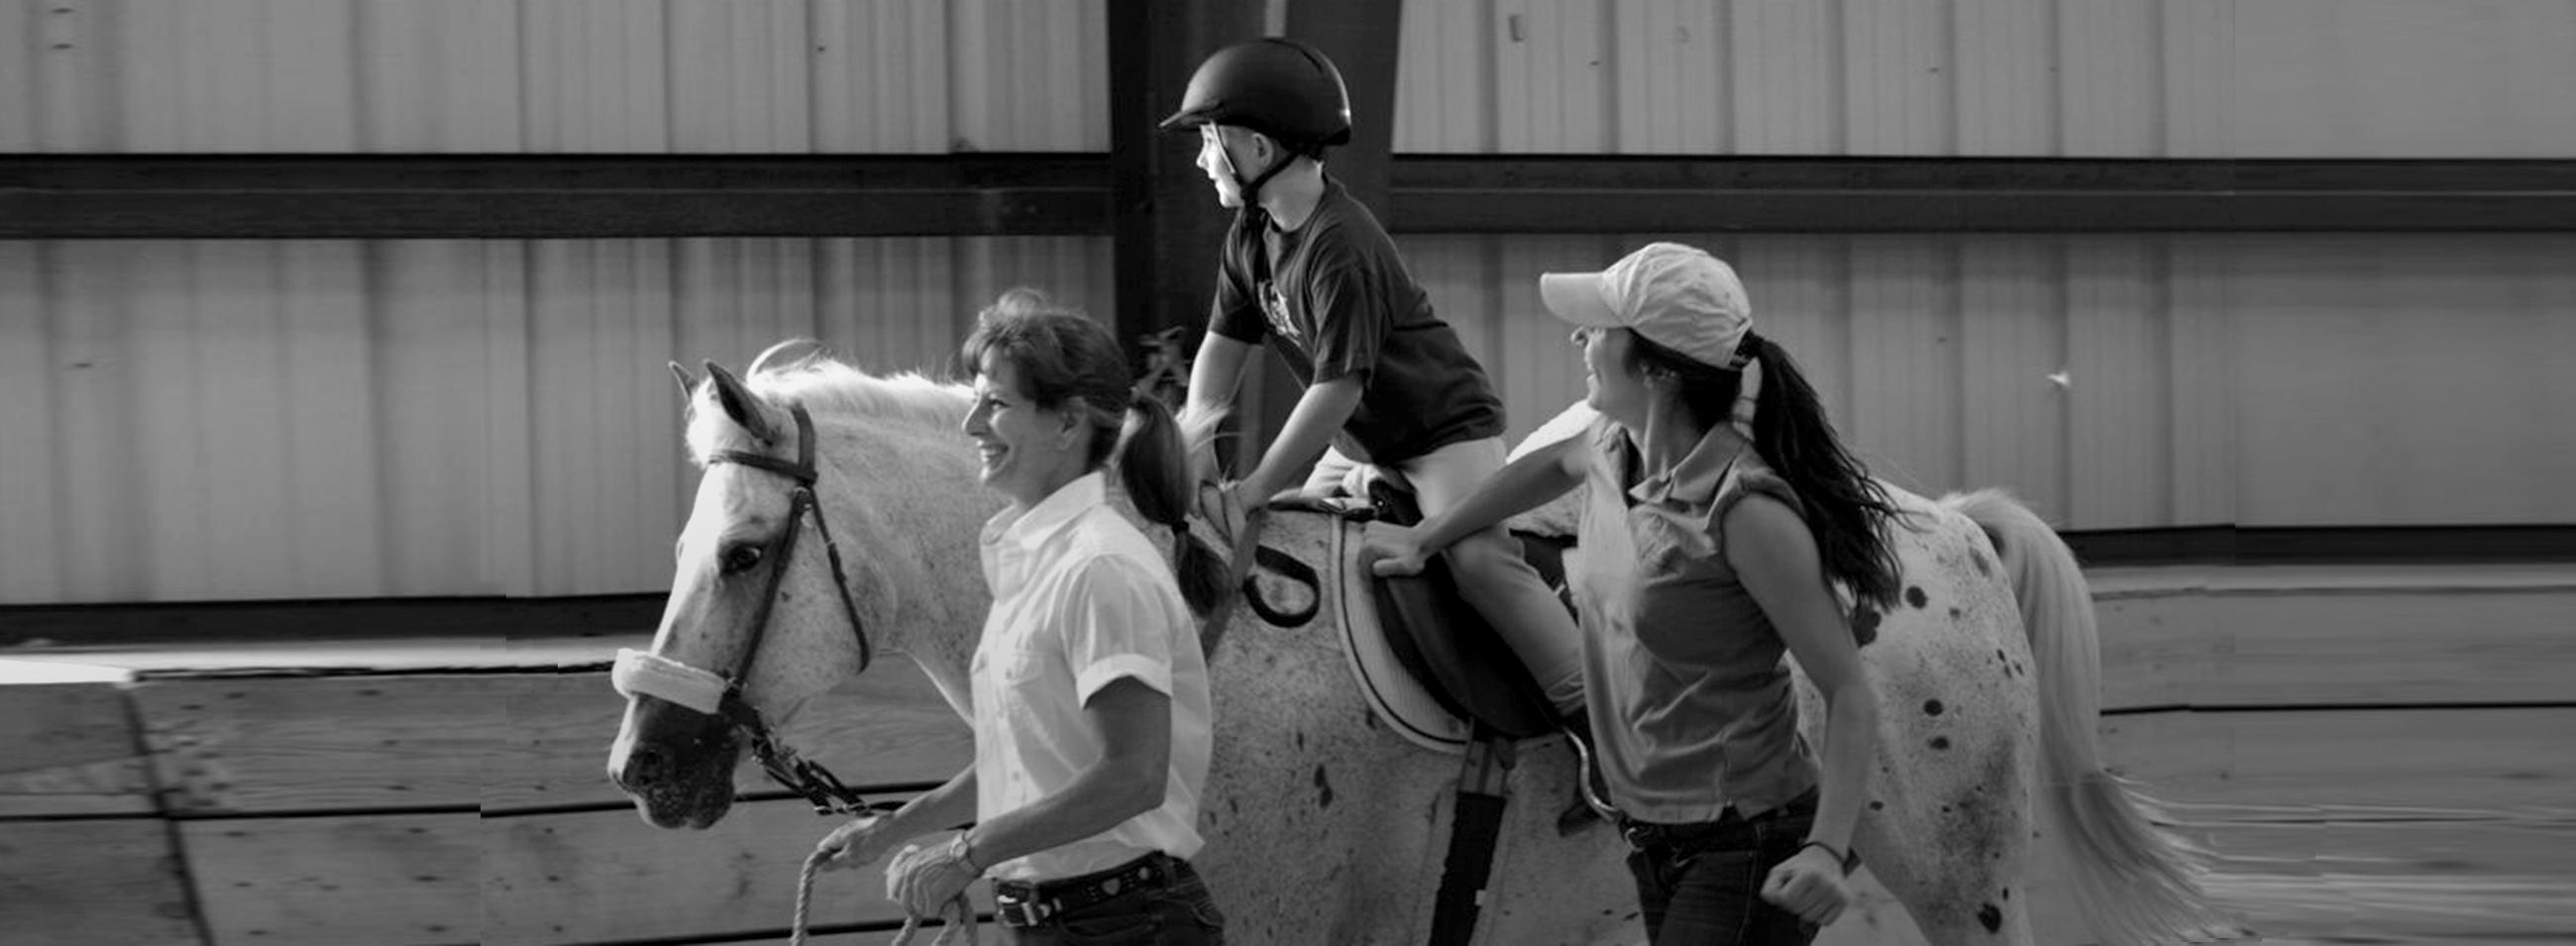 trevor_trottingtherapeutic-riding-k